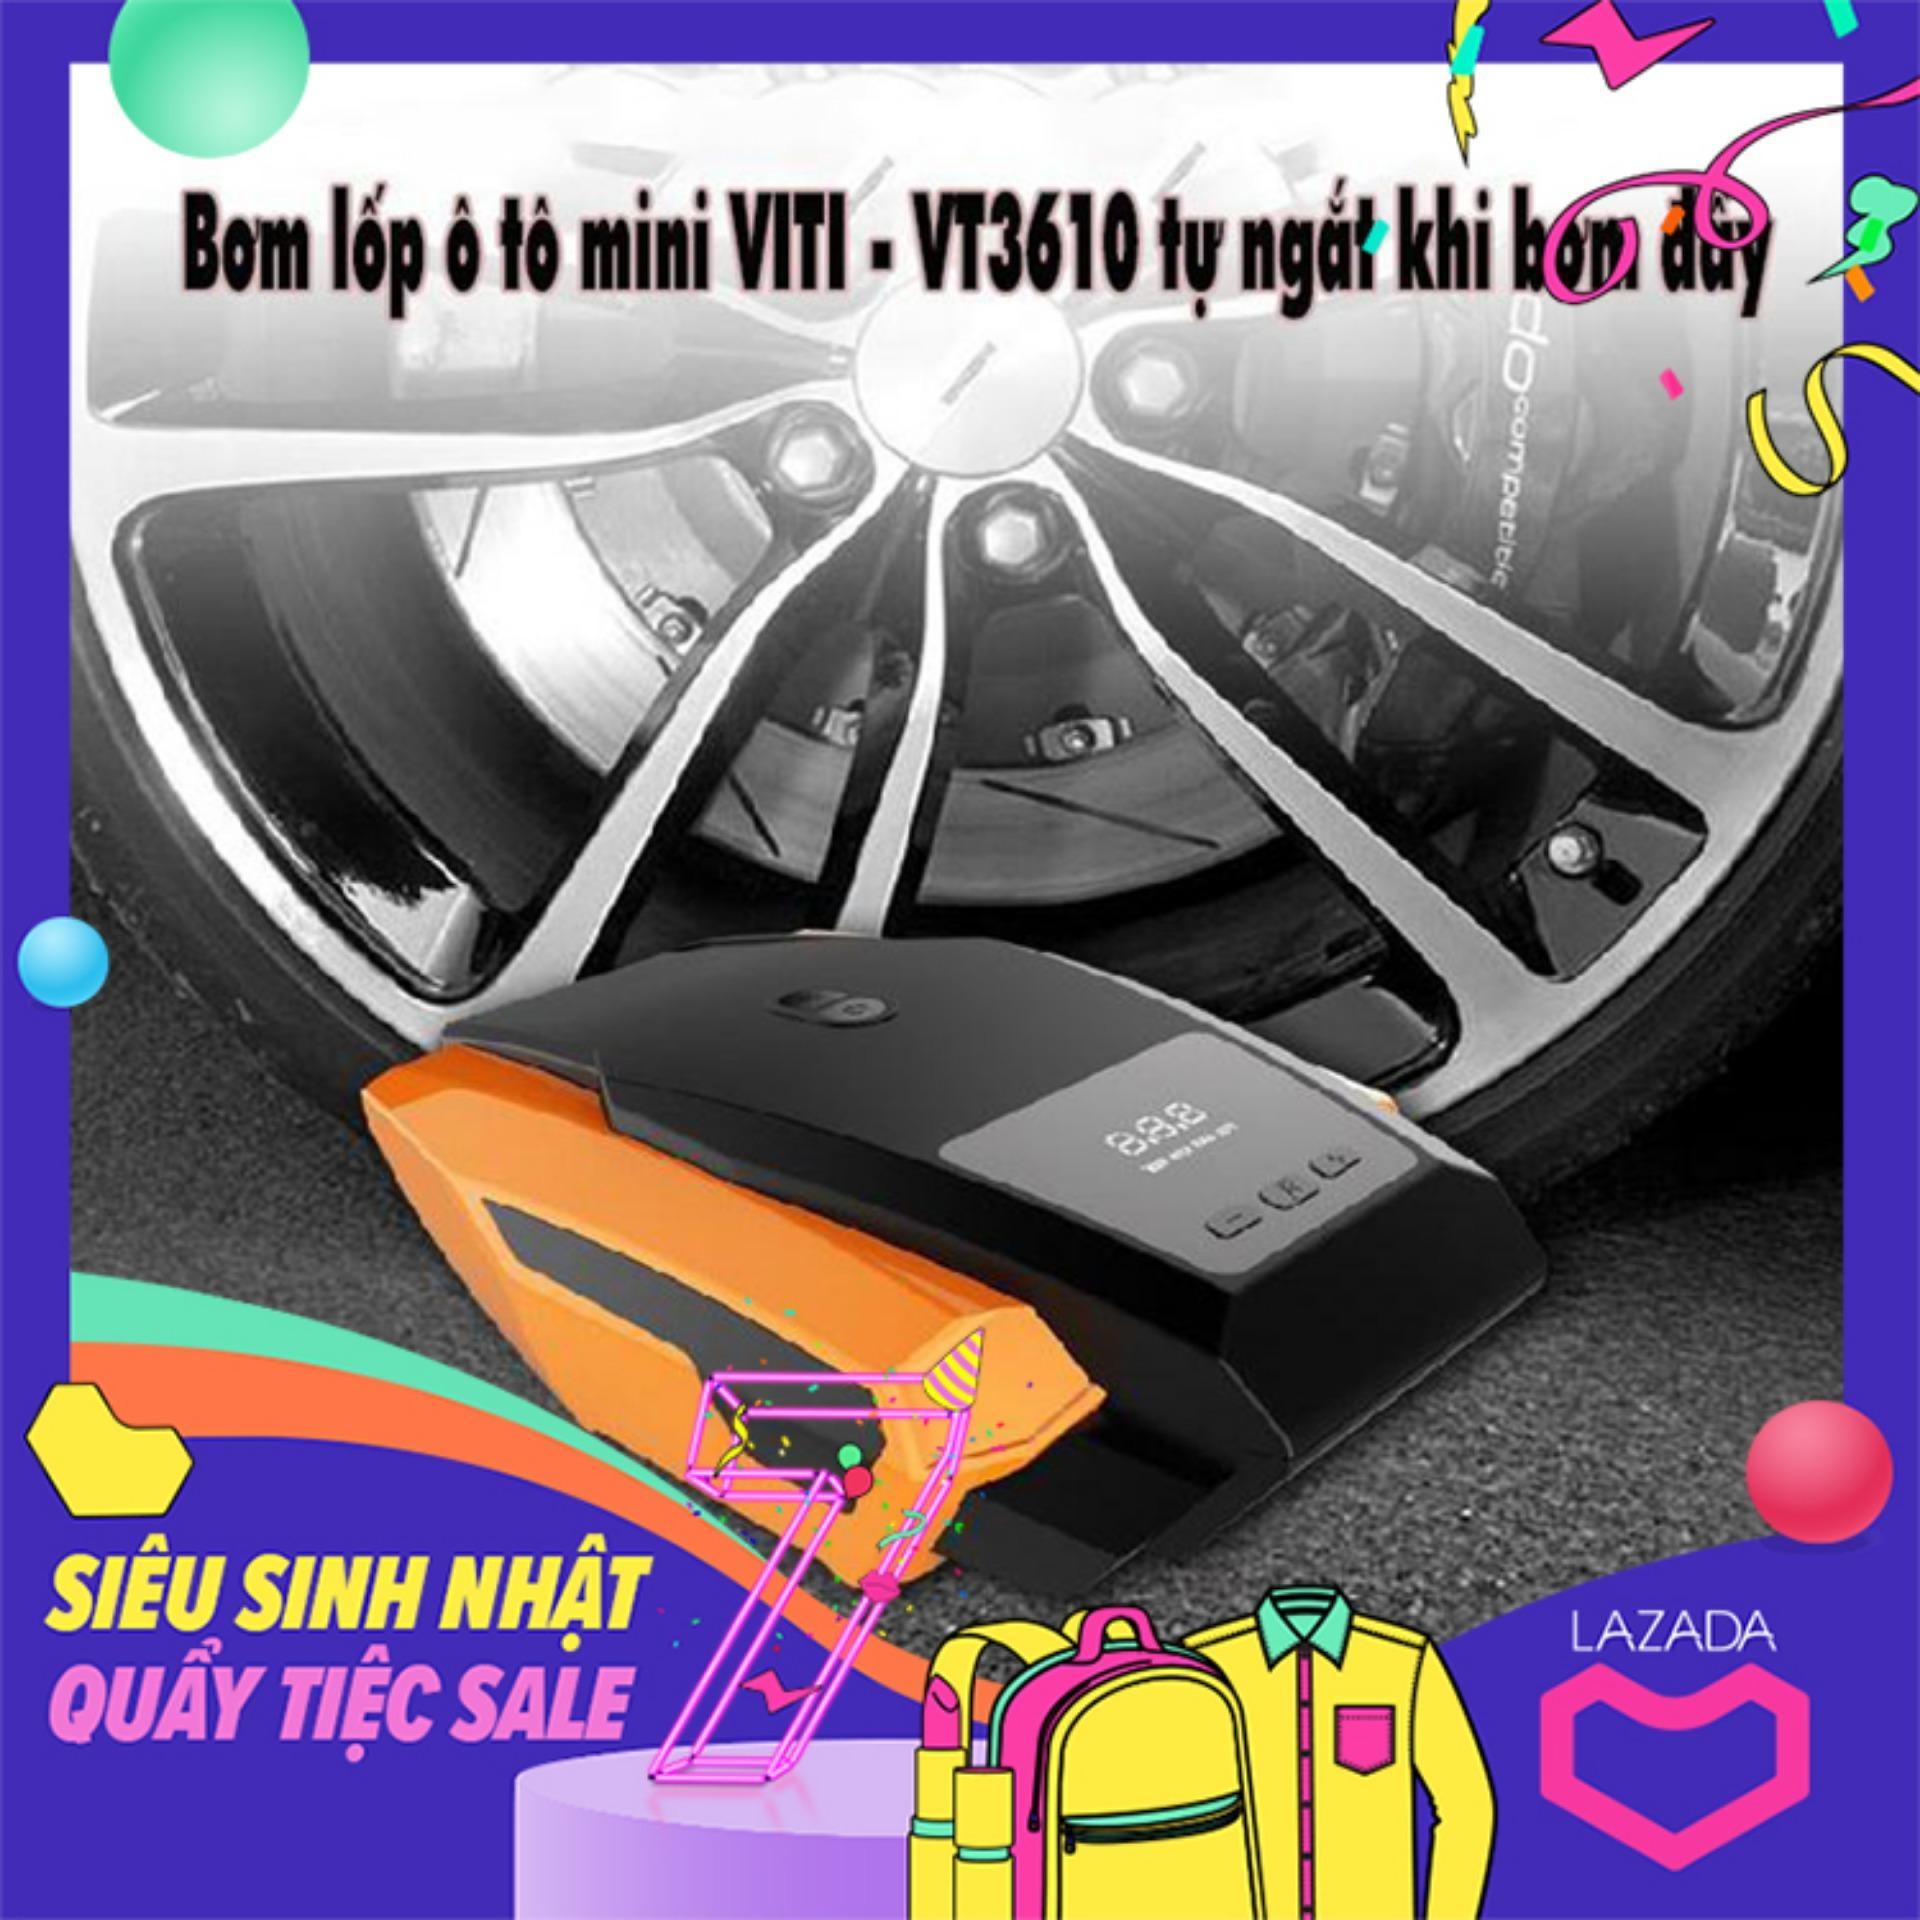 Free.ship Toàn Quốc Bộ Bơm Lốp ô Tô Viti Loại Mini Mã Vt3610 Tự động Ngắt Khi Bơm đầy By Moithu365